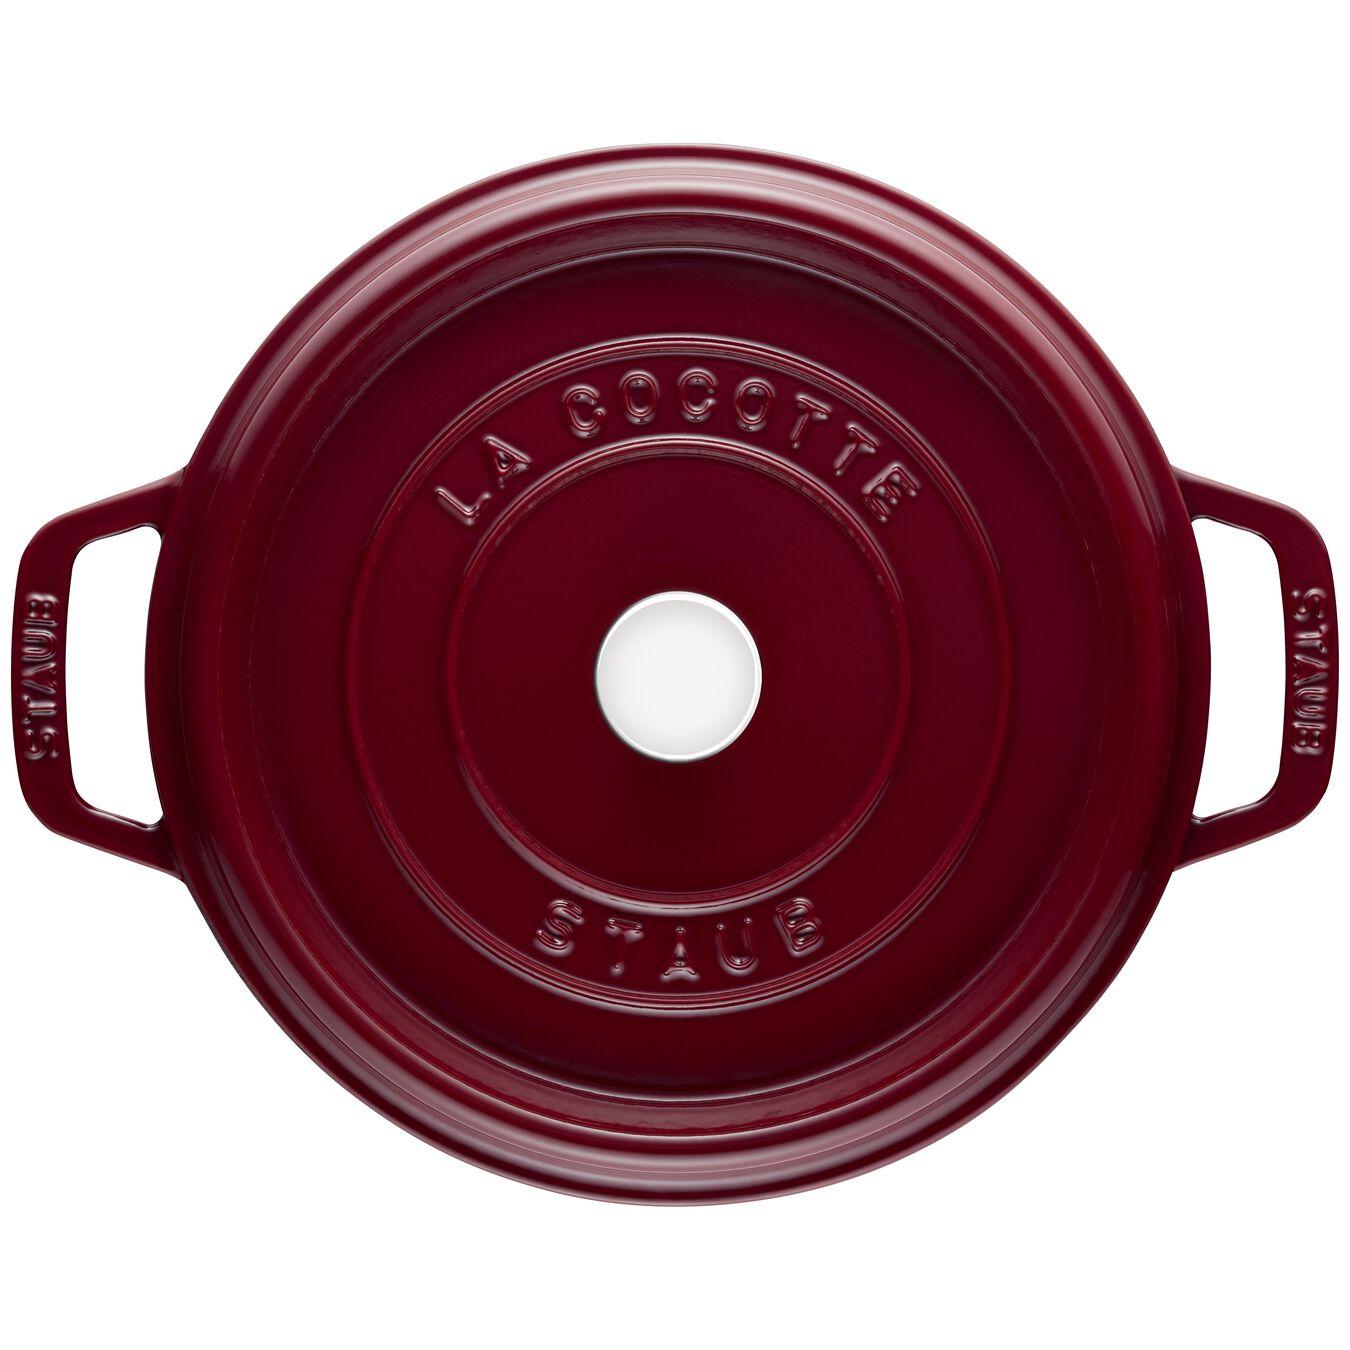 Cocotte 26 cm, rund, Bordeaux, Gusseisen,,large 3